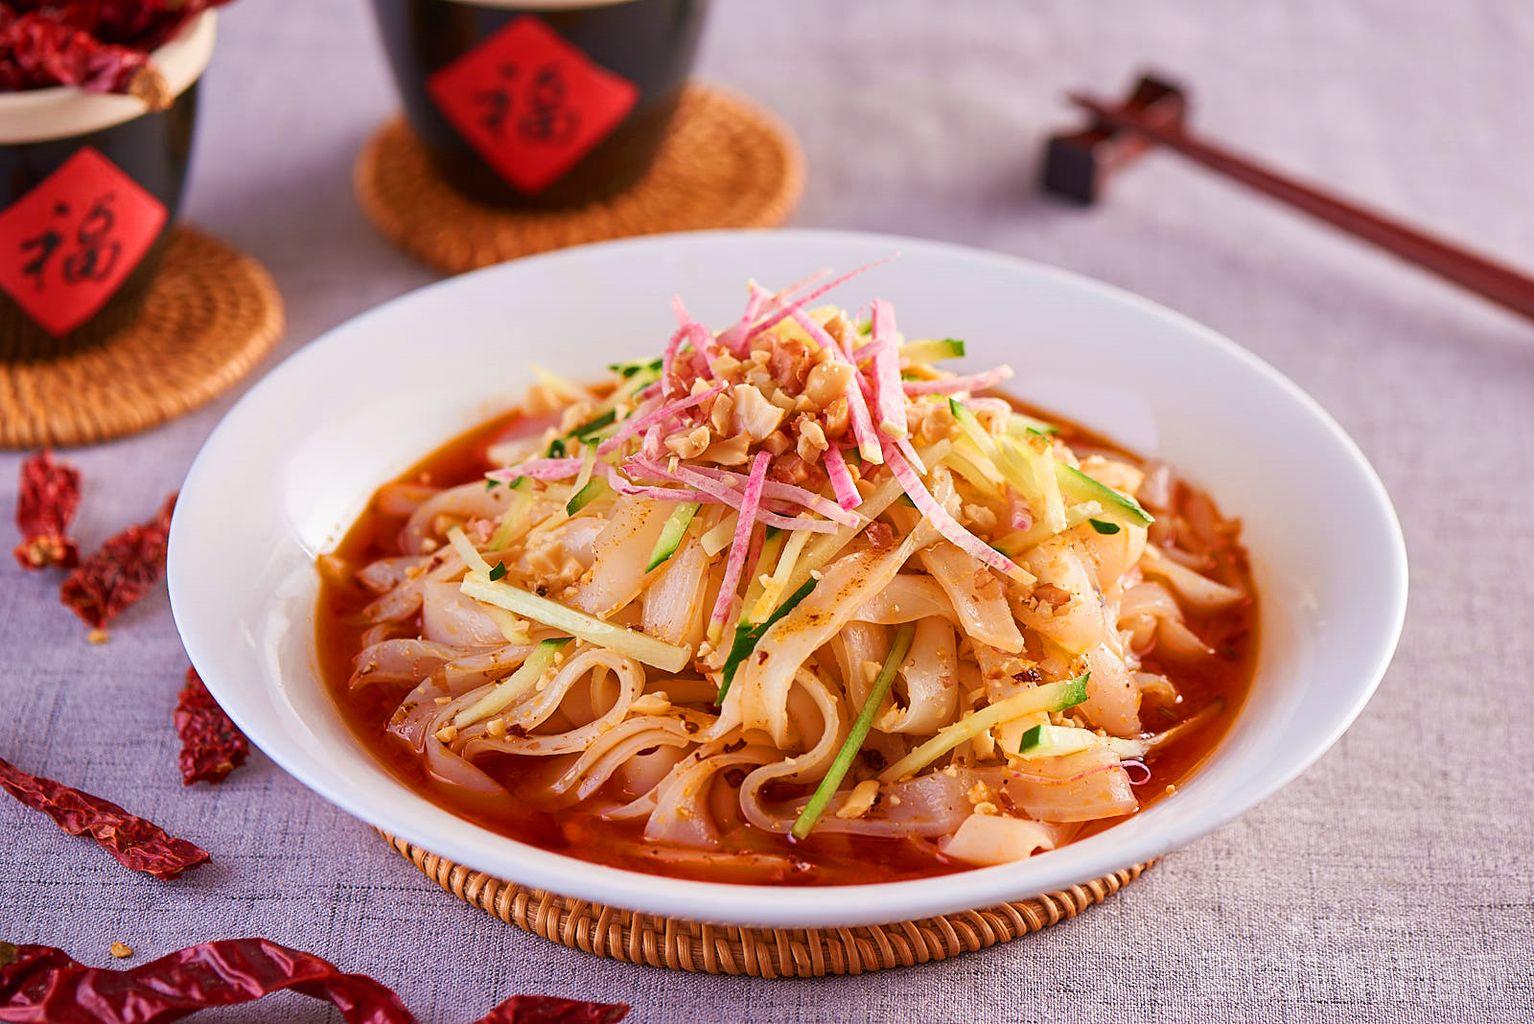 丝路胡杨林新疆风味餐厅 -大众点评网团购深圳站